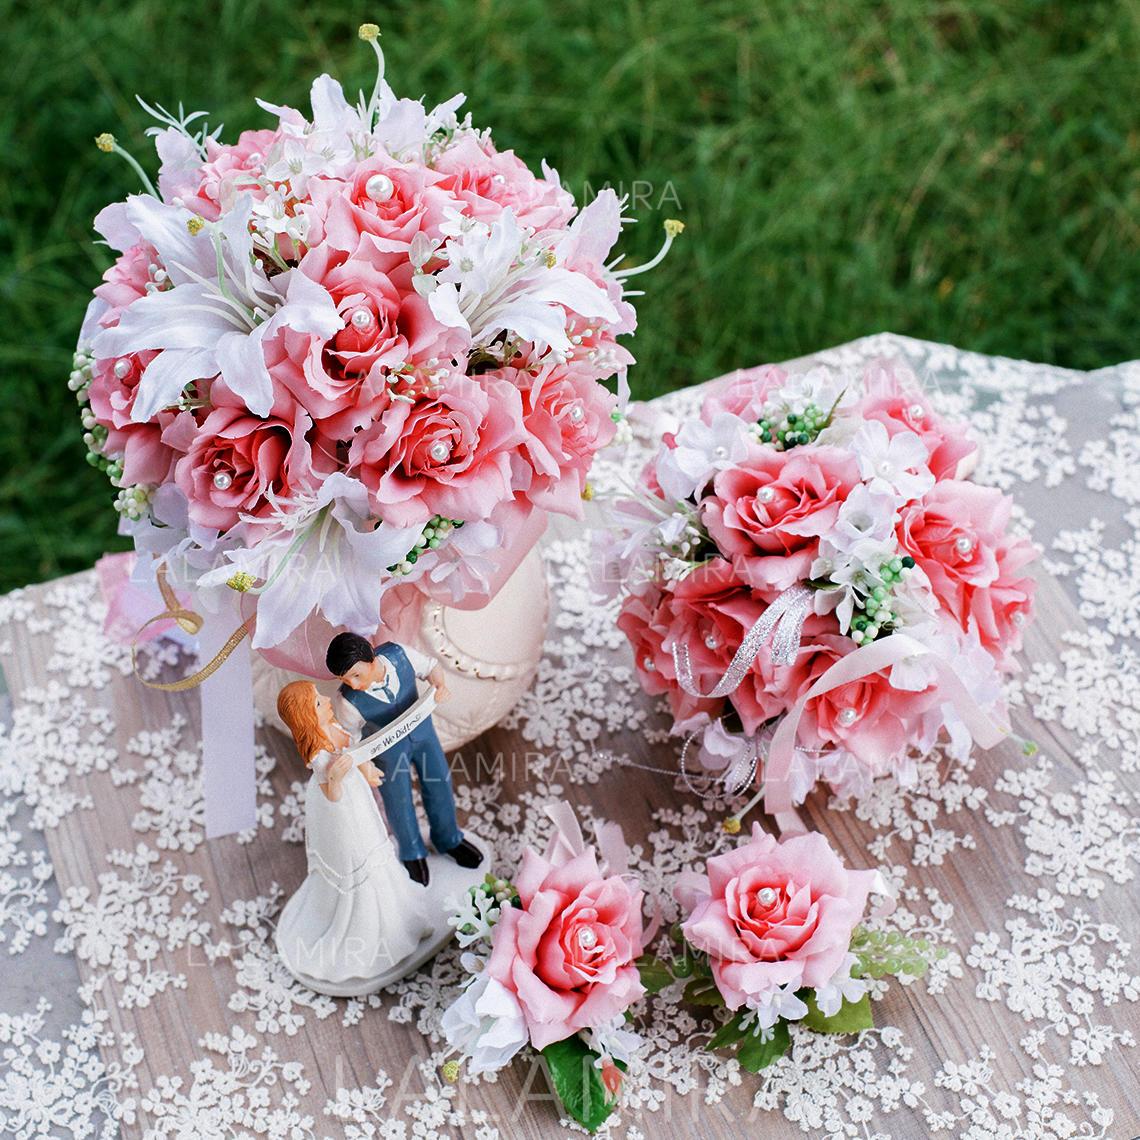 Flower Sets Round Wedding Artificial Silk Big Bouquet Diameter:20cm ...